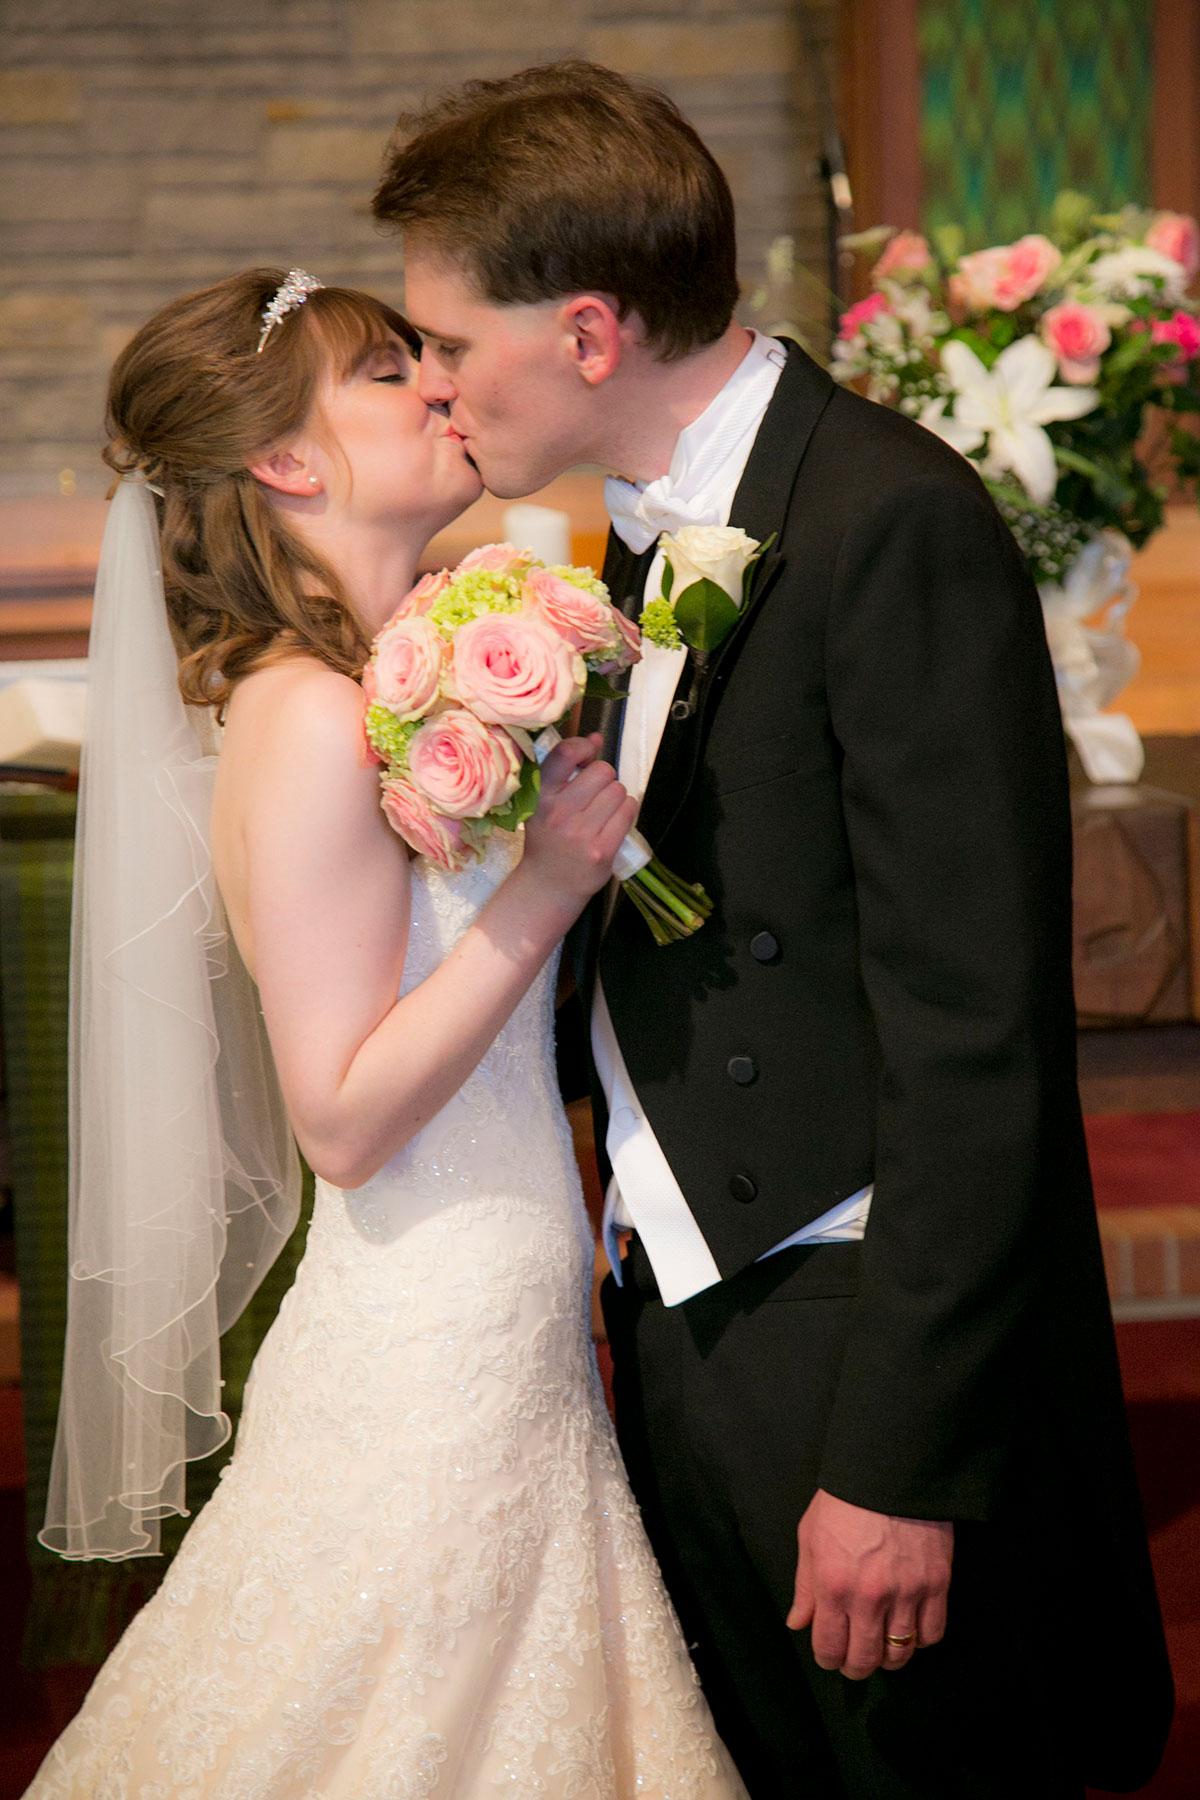 Wedding_Chicago_Rachel_Roberts_004.JPG